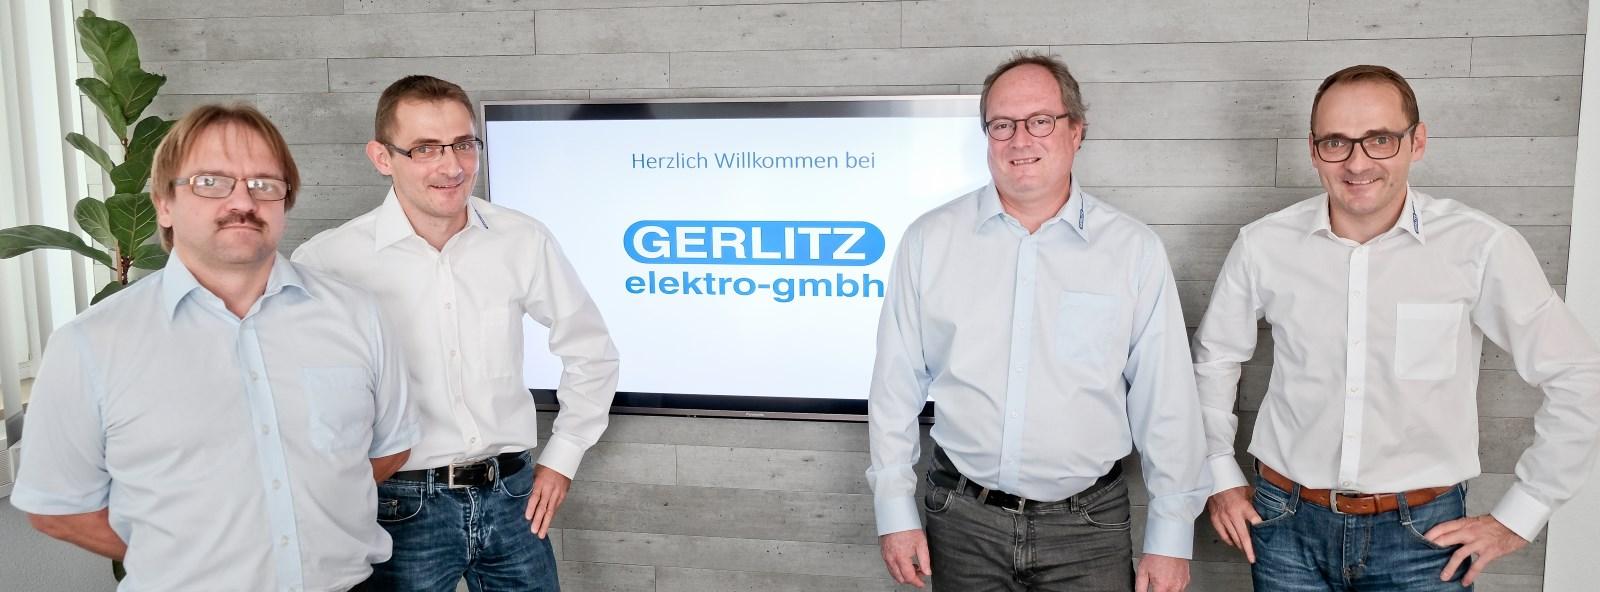 Die Geschäftsführer Hubert Nickl, Stefan Edler, Klaus Winkler und Sven Edler (v.l.n.r.). Foto: Gerlitz elektro gmbh